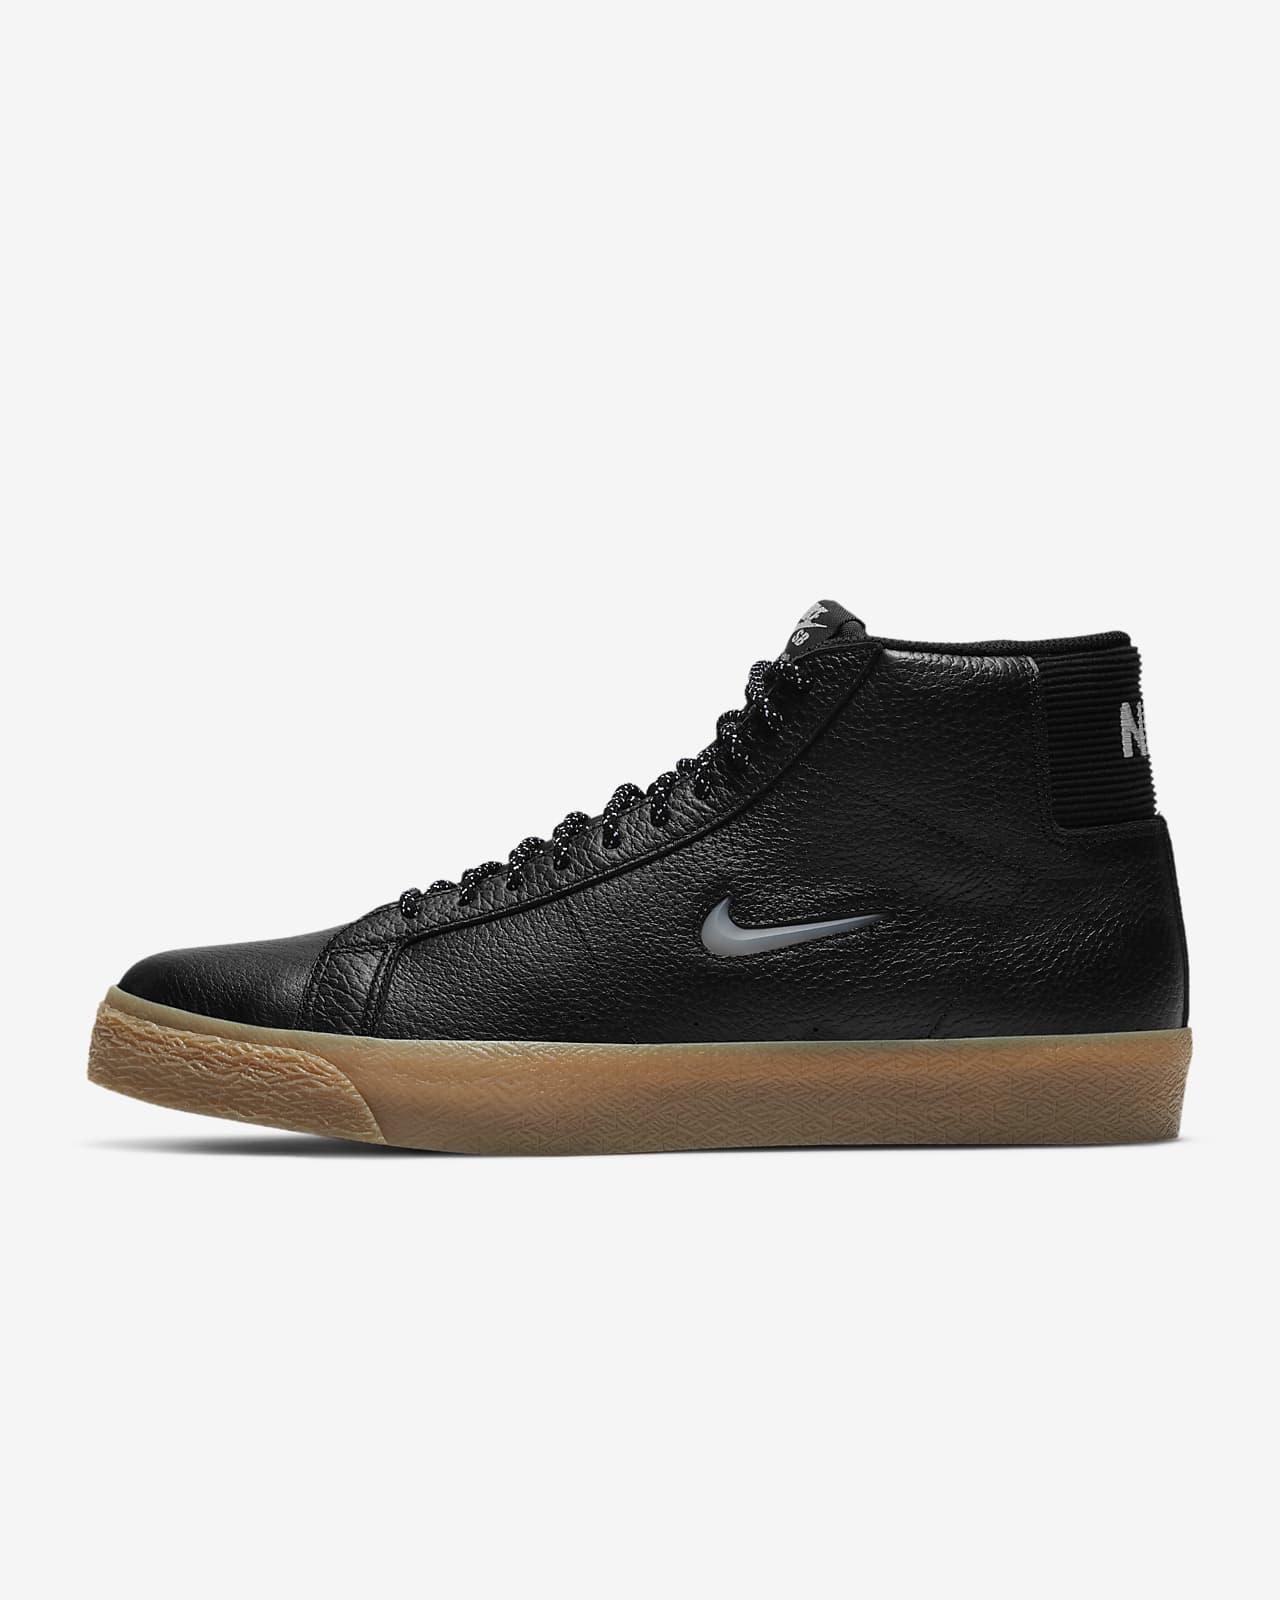 nike sb blazer leather